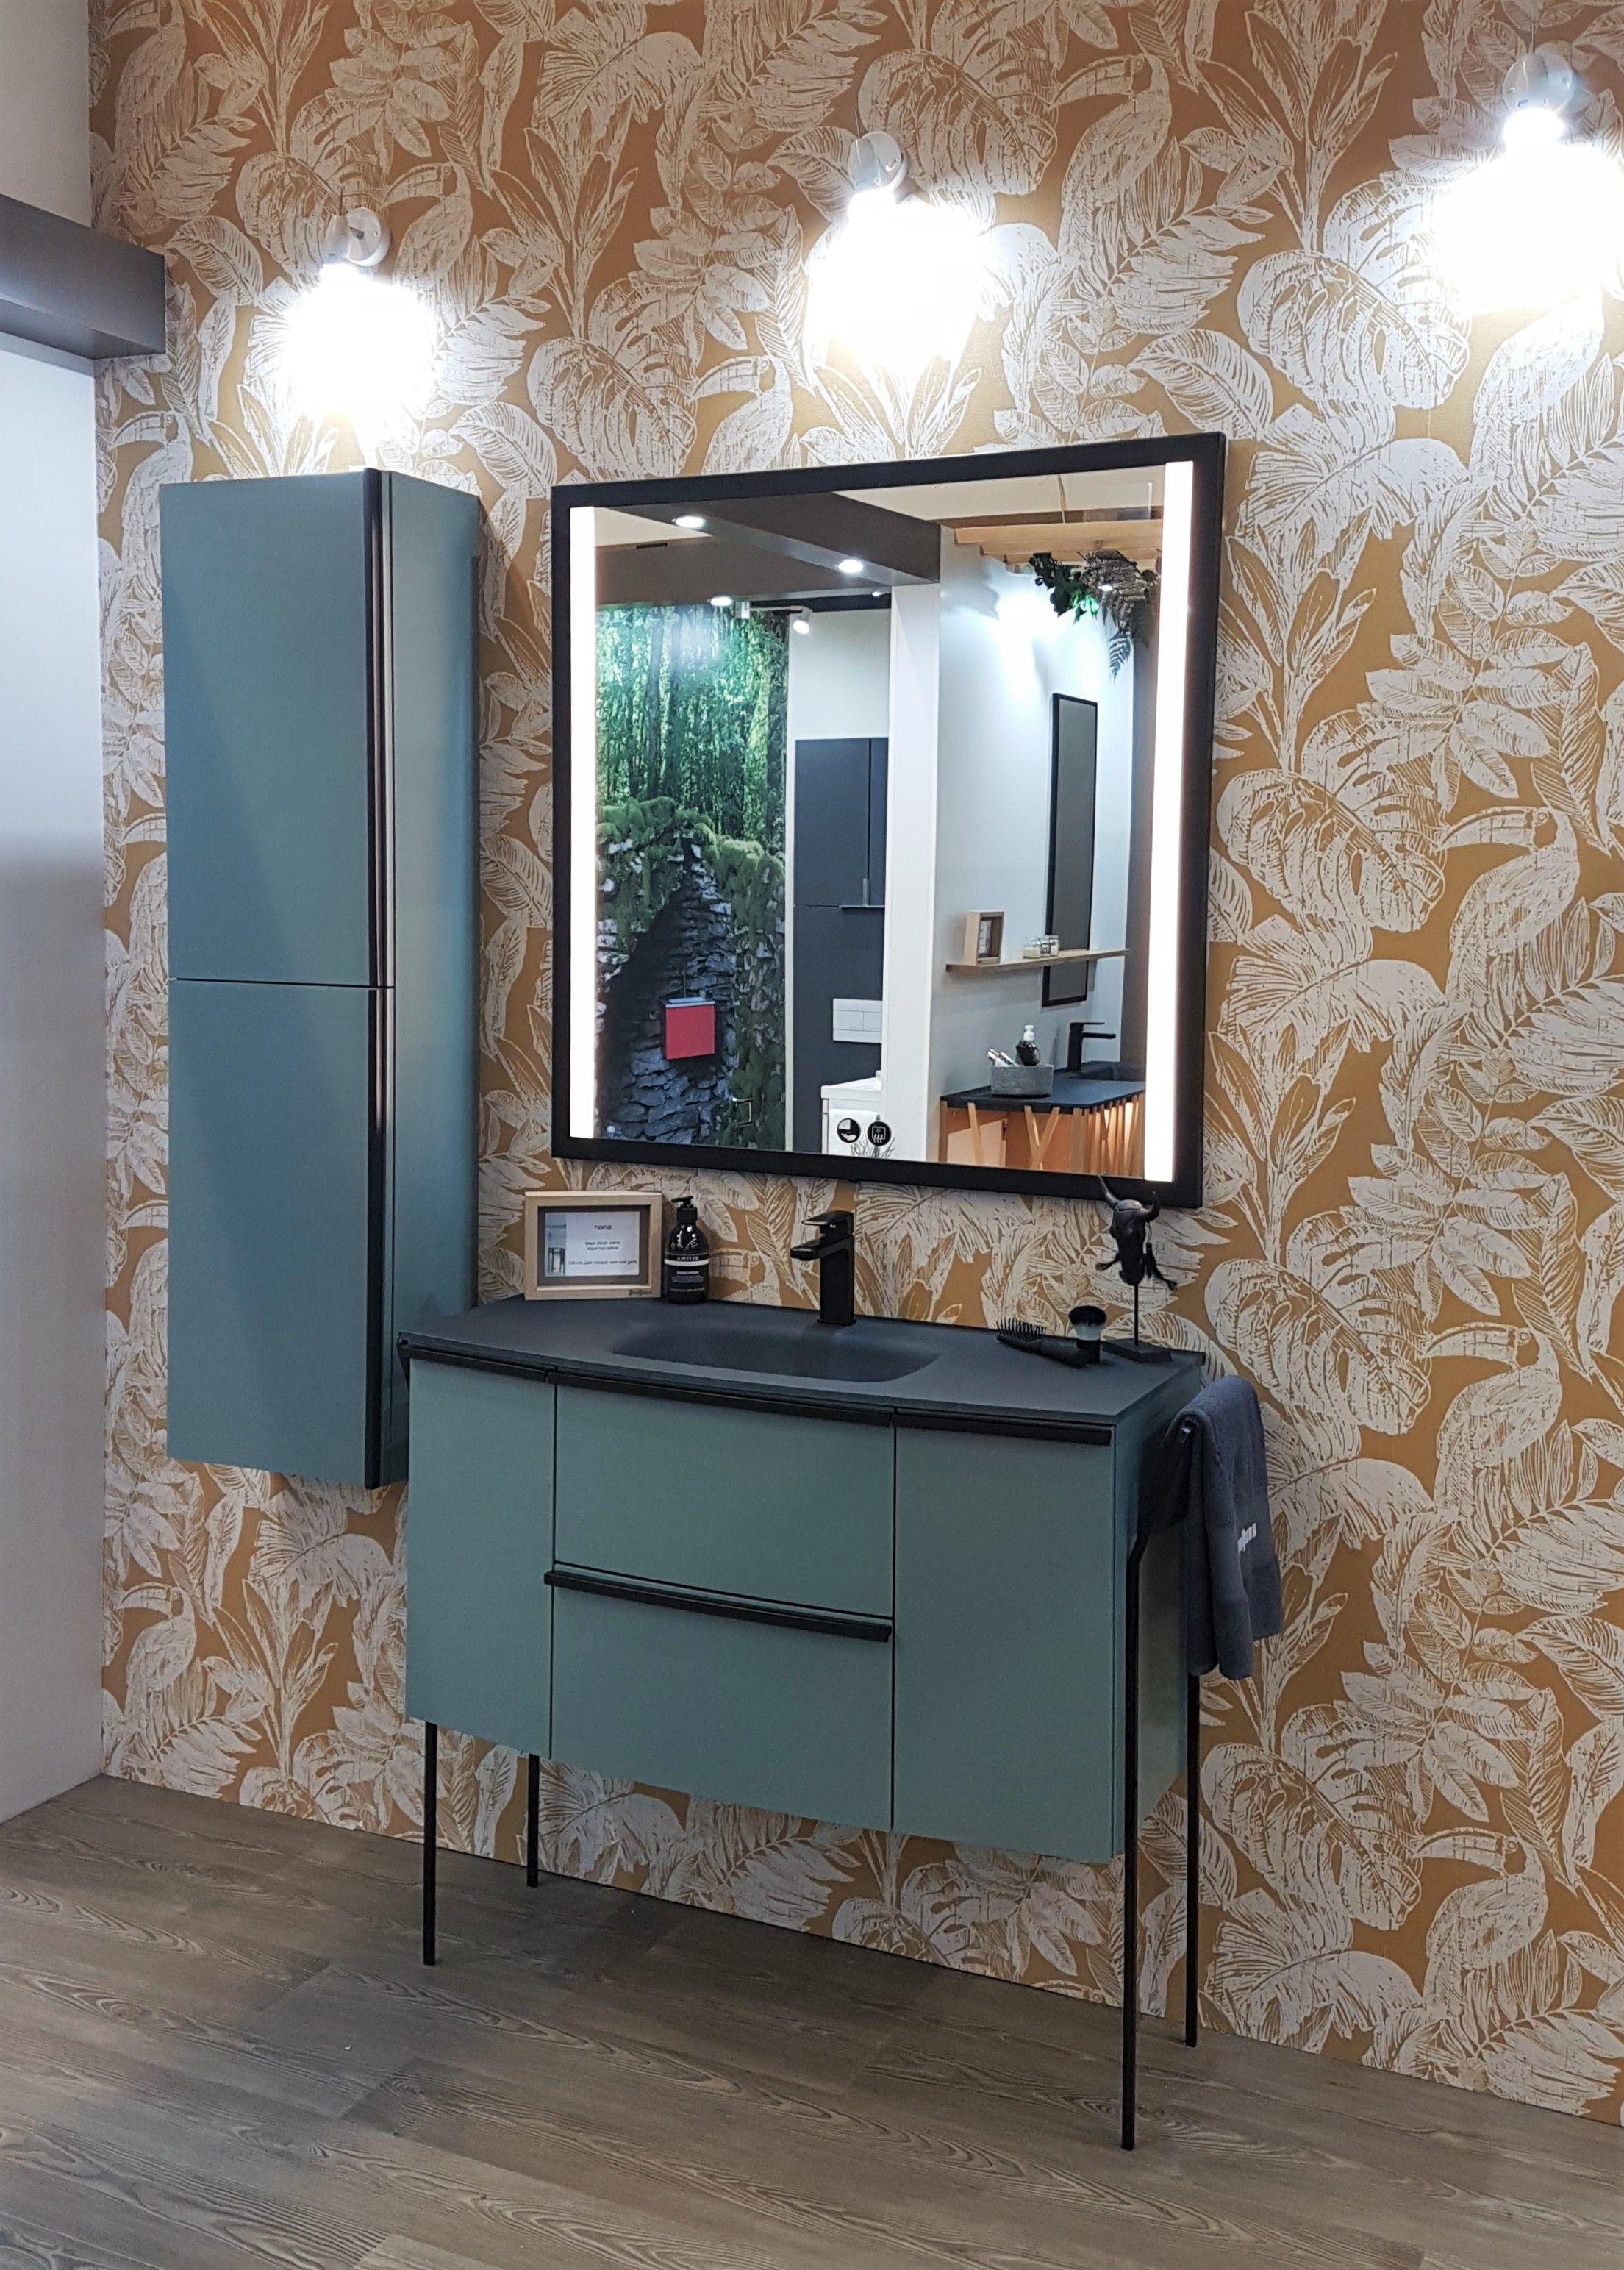 Meuble Haut Salle De Bain Avec Miroir la nouvelle gamme nona de sanijura a été présentée lors du